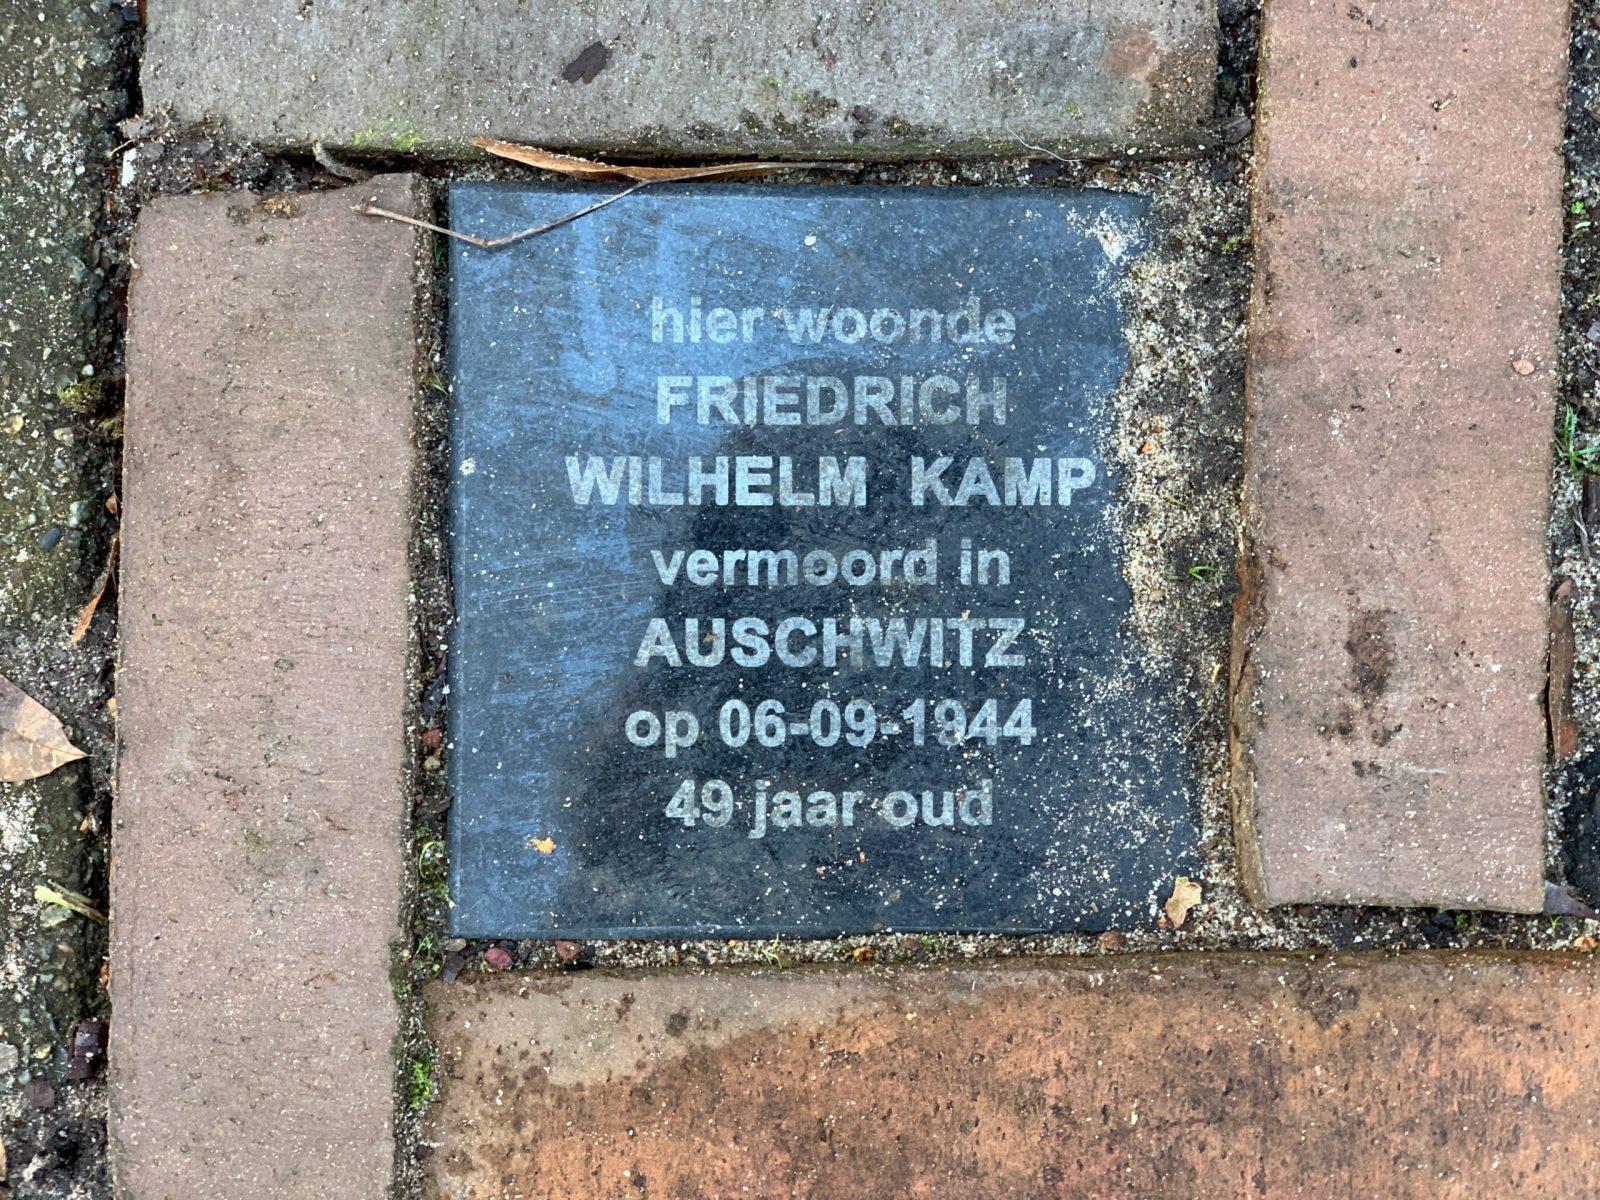 Memorial Plaque for Wilhelm Kamp